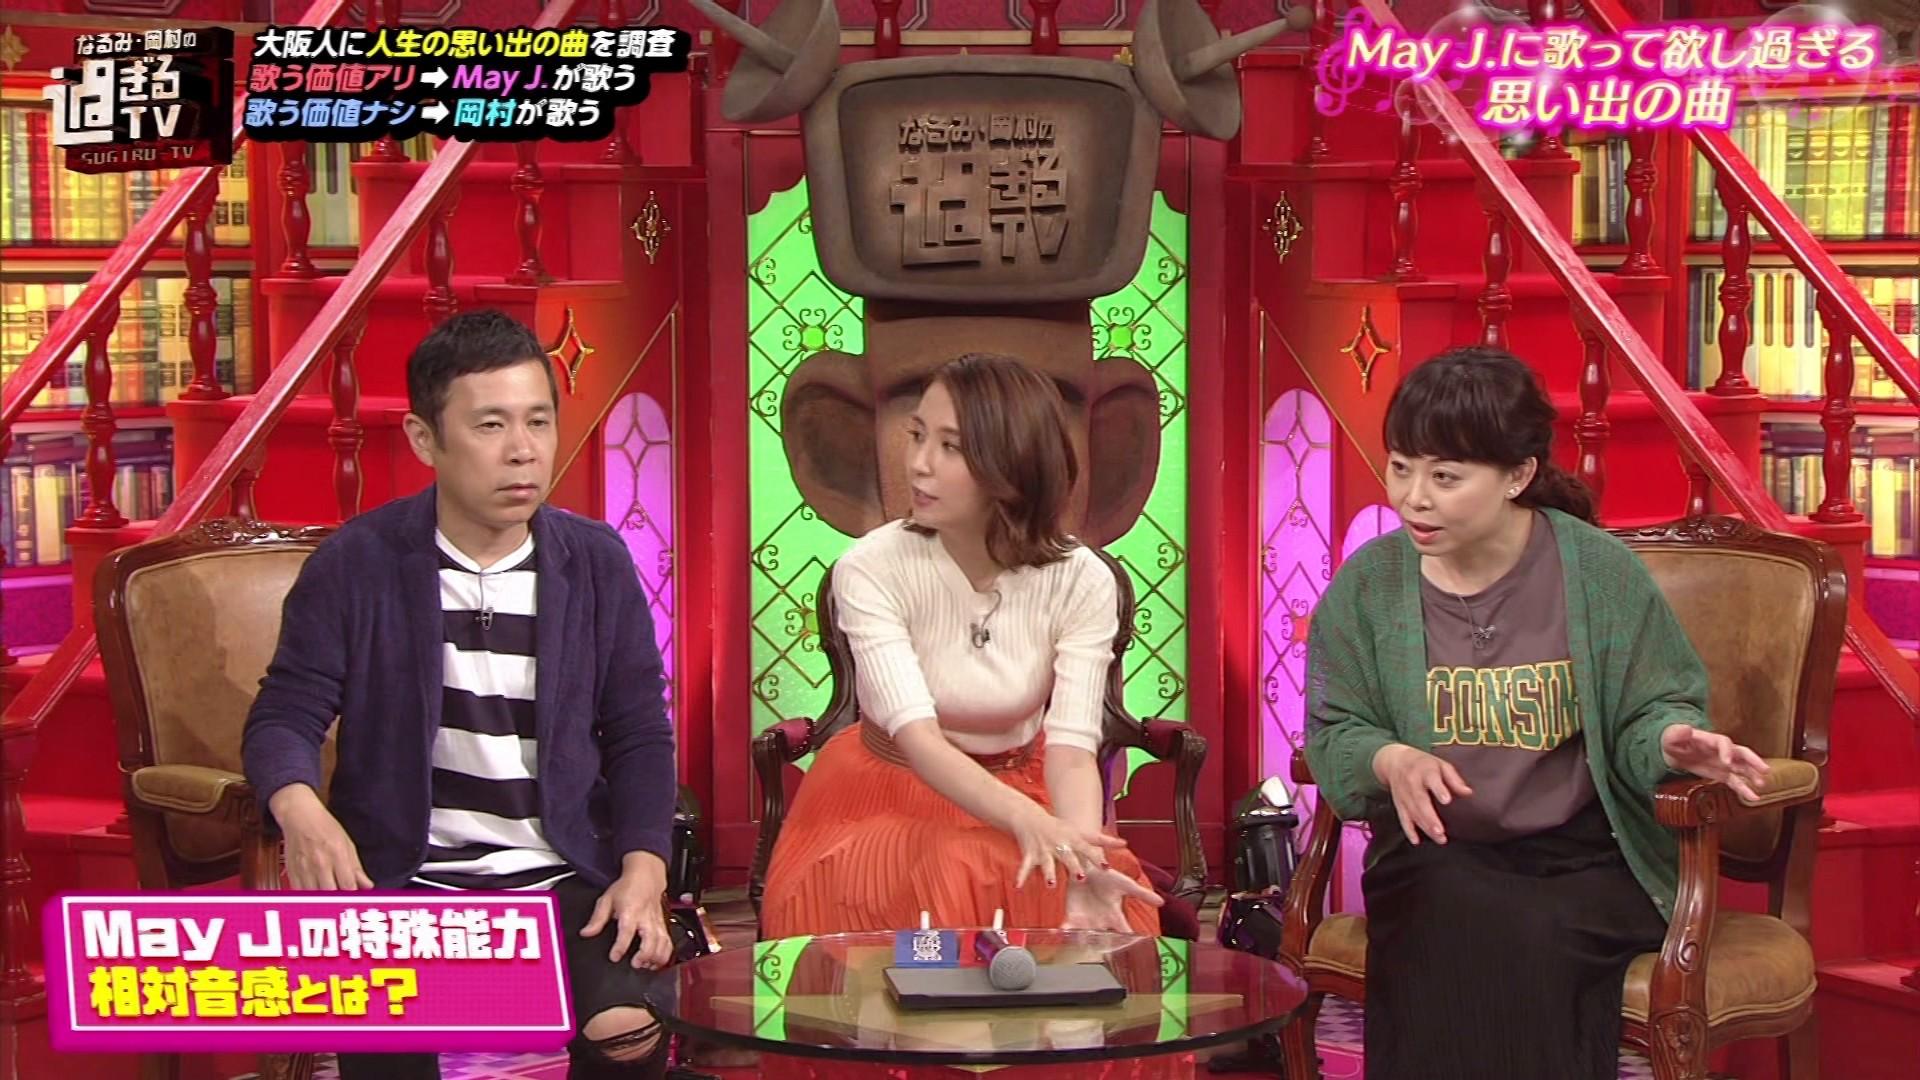 2019年5月13日『過ぎるTV』のテレビキャプチャー画像-028